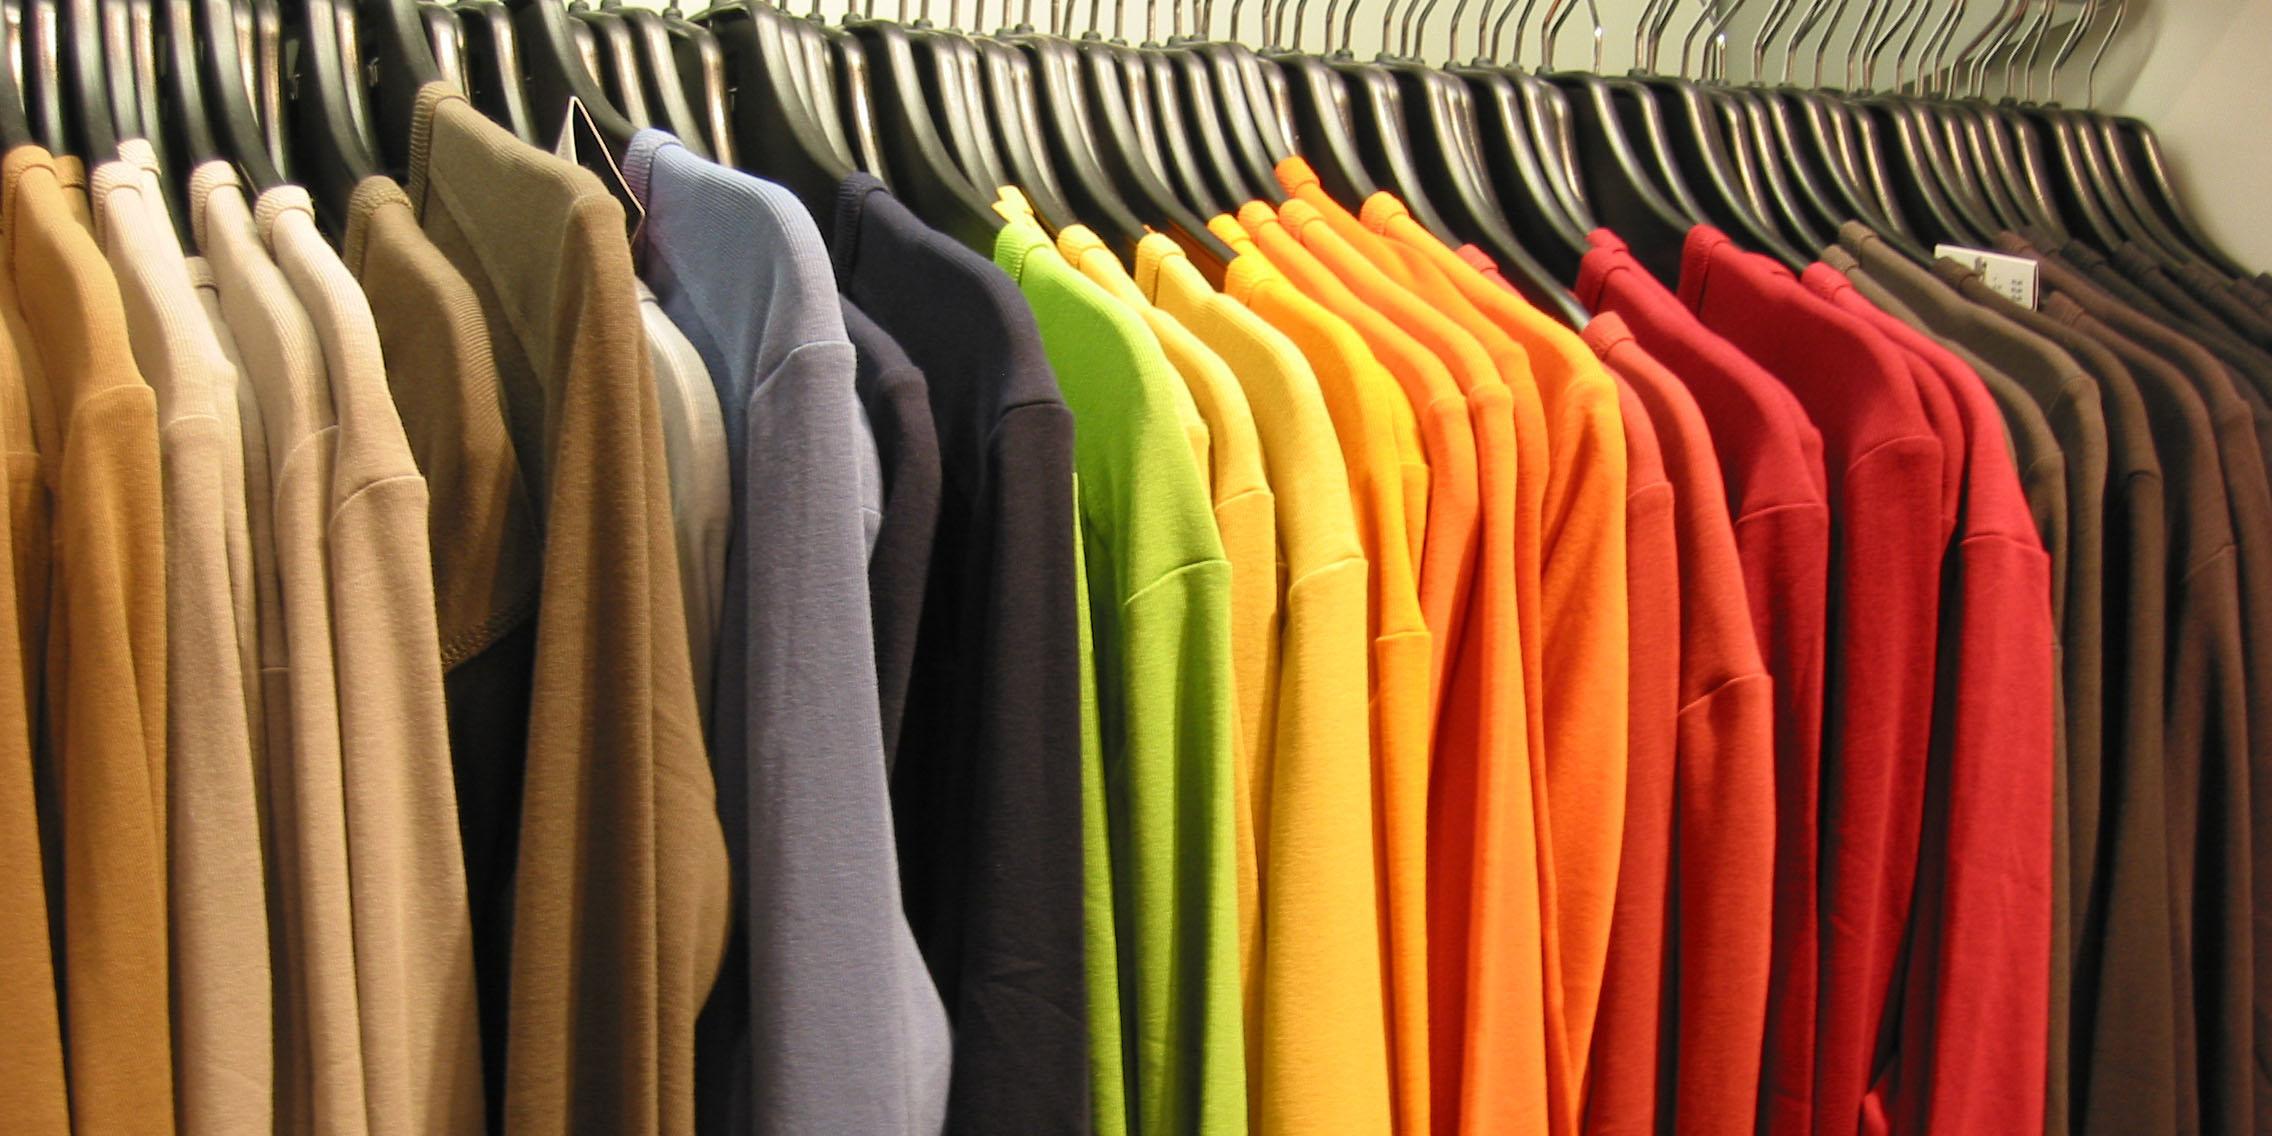 تعیین تکلیف پوشاک خارجی موجود در واحدها صنفی